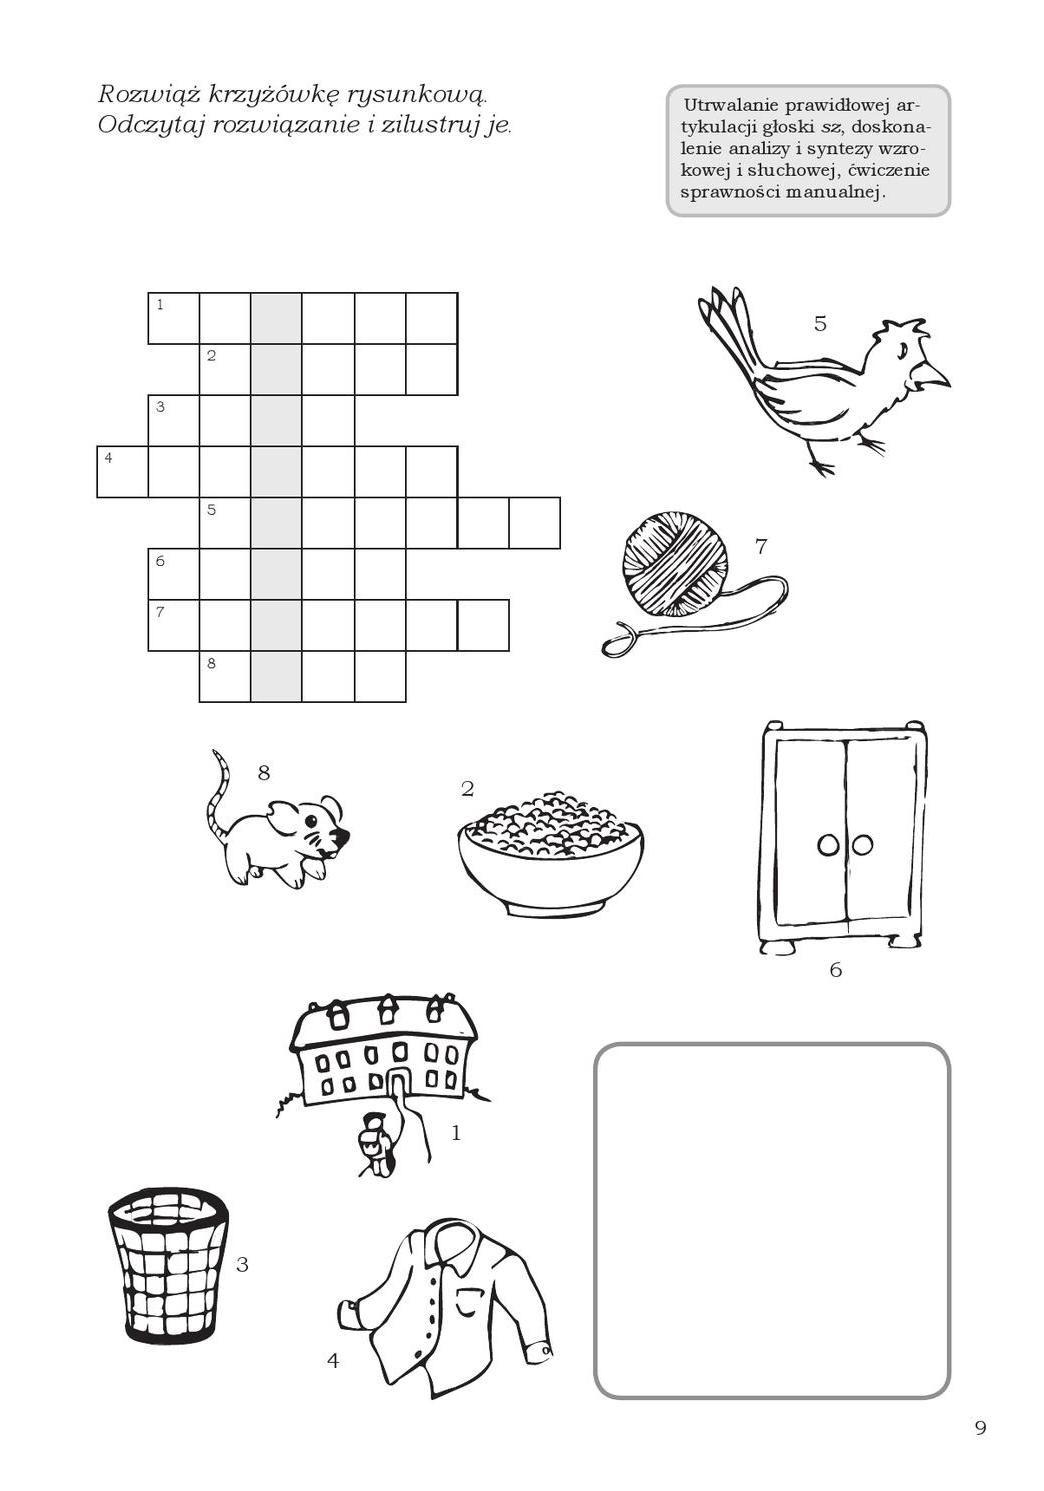 Mowie Wierszyki I Zabawy Logopedyczne Utrwalajace Prawidlowa Wymowe Glosek Sz Z Rz Cz Dz Lettering Hand Lettering Sketchnotes